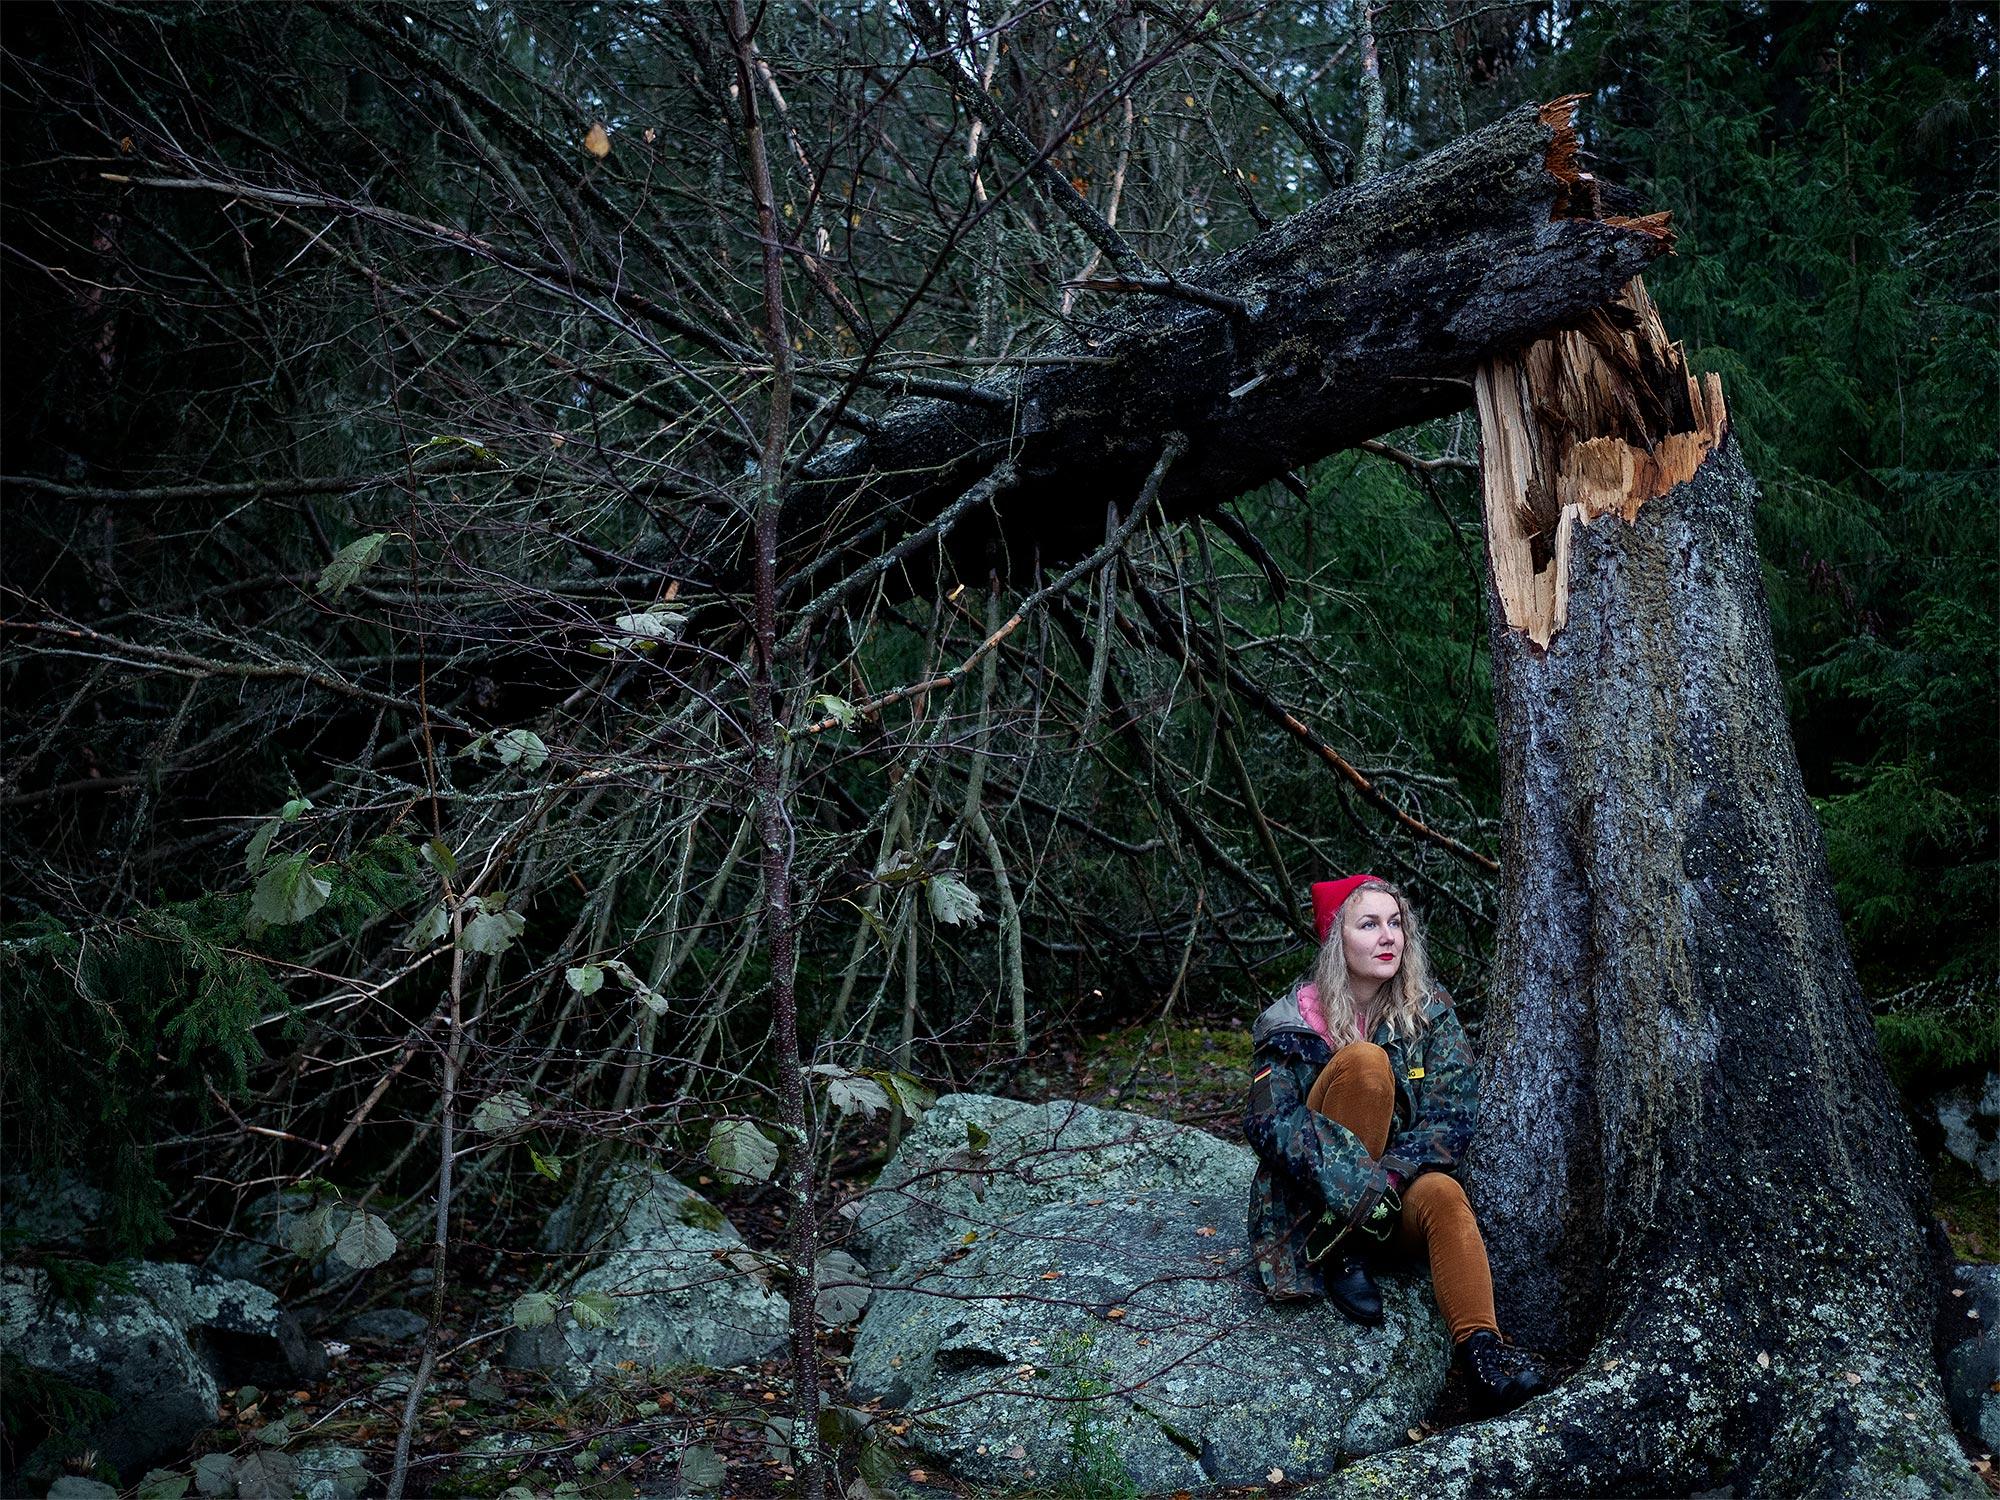 Kuvassa ollaan metsässä. Henkilö istuu suuren kaatuneen puun vieressä. Puu on katkennut keskeltä runkoa, ja kaatunut osa nojaa vielä ystyssä olevaan. On hieman hämärää.